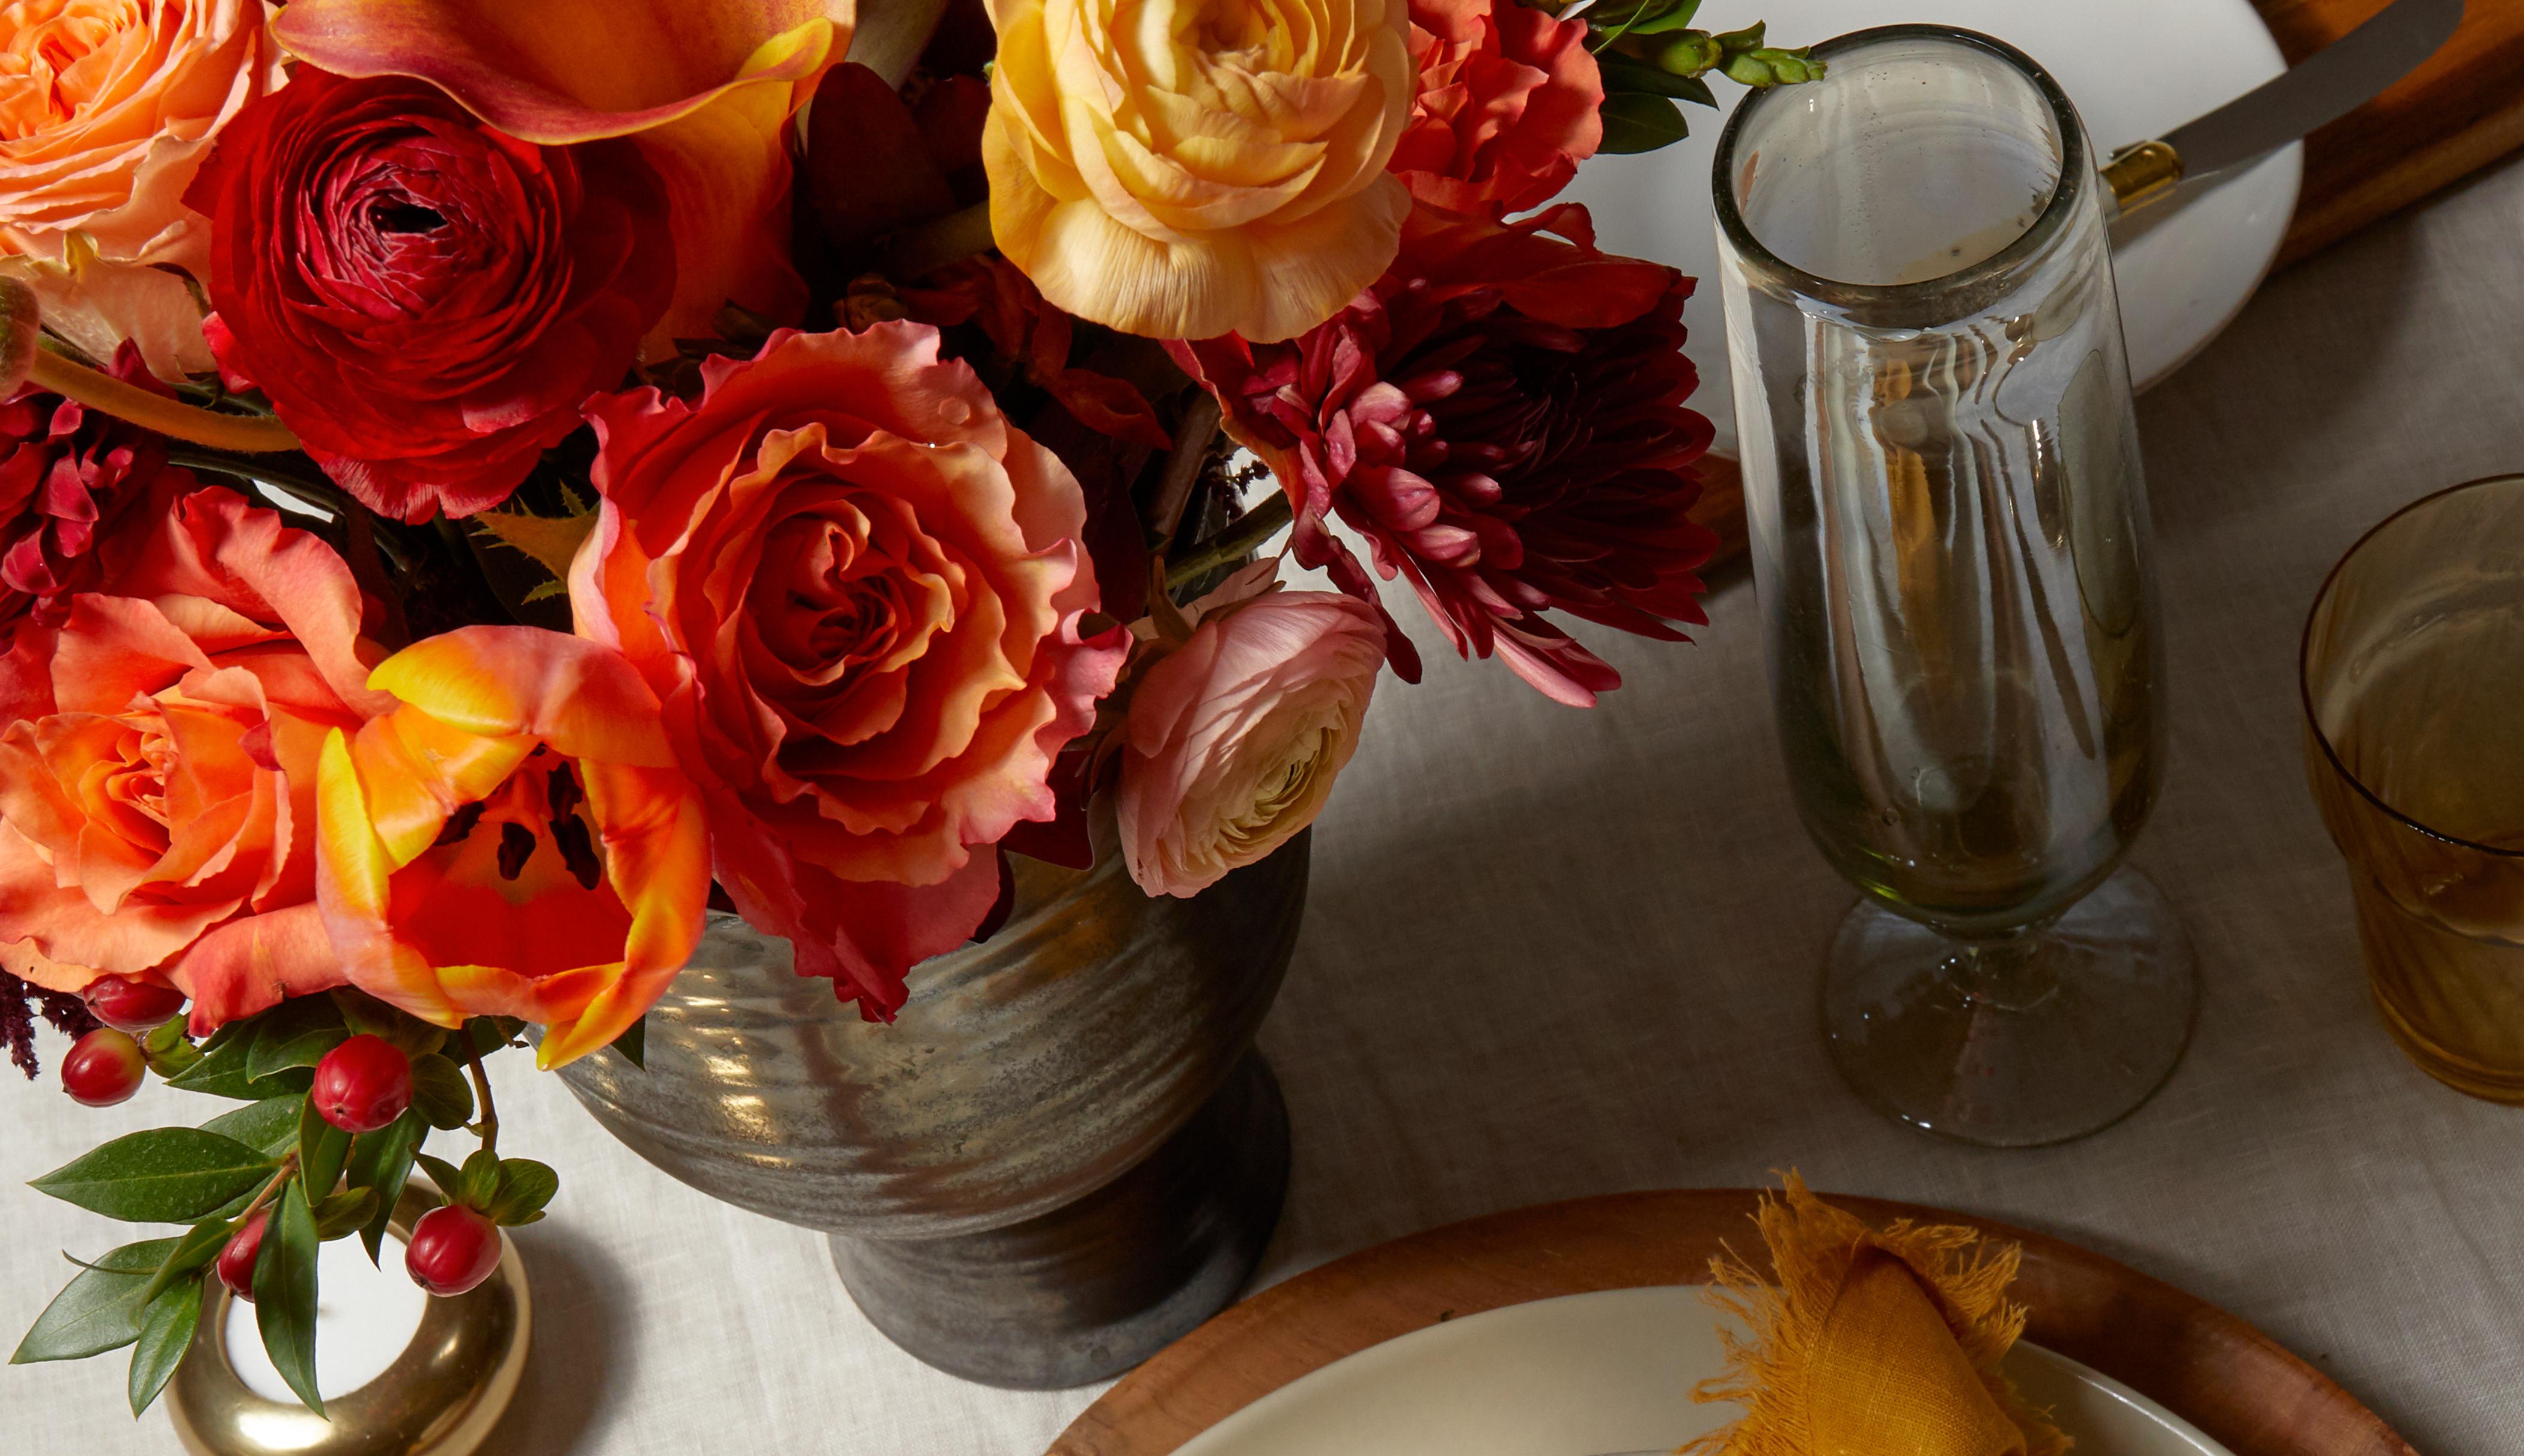 Fall flower arrangement serving as a floral centerpiece